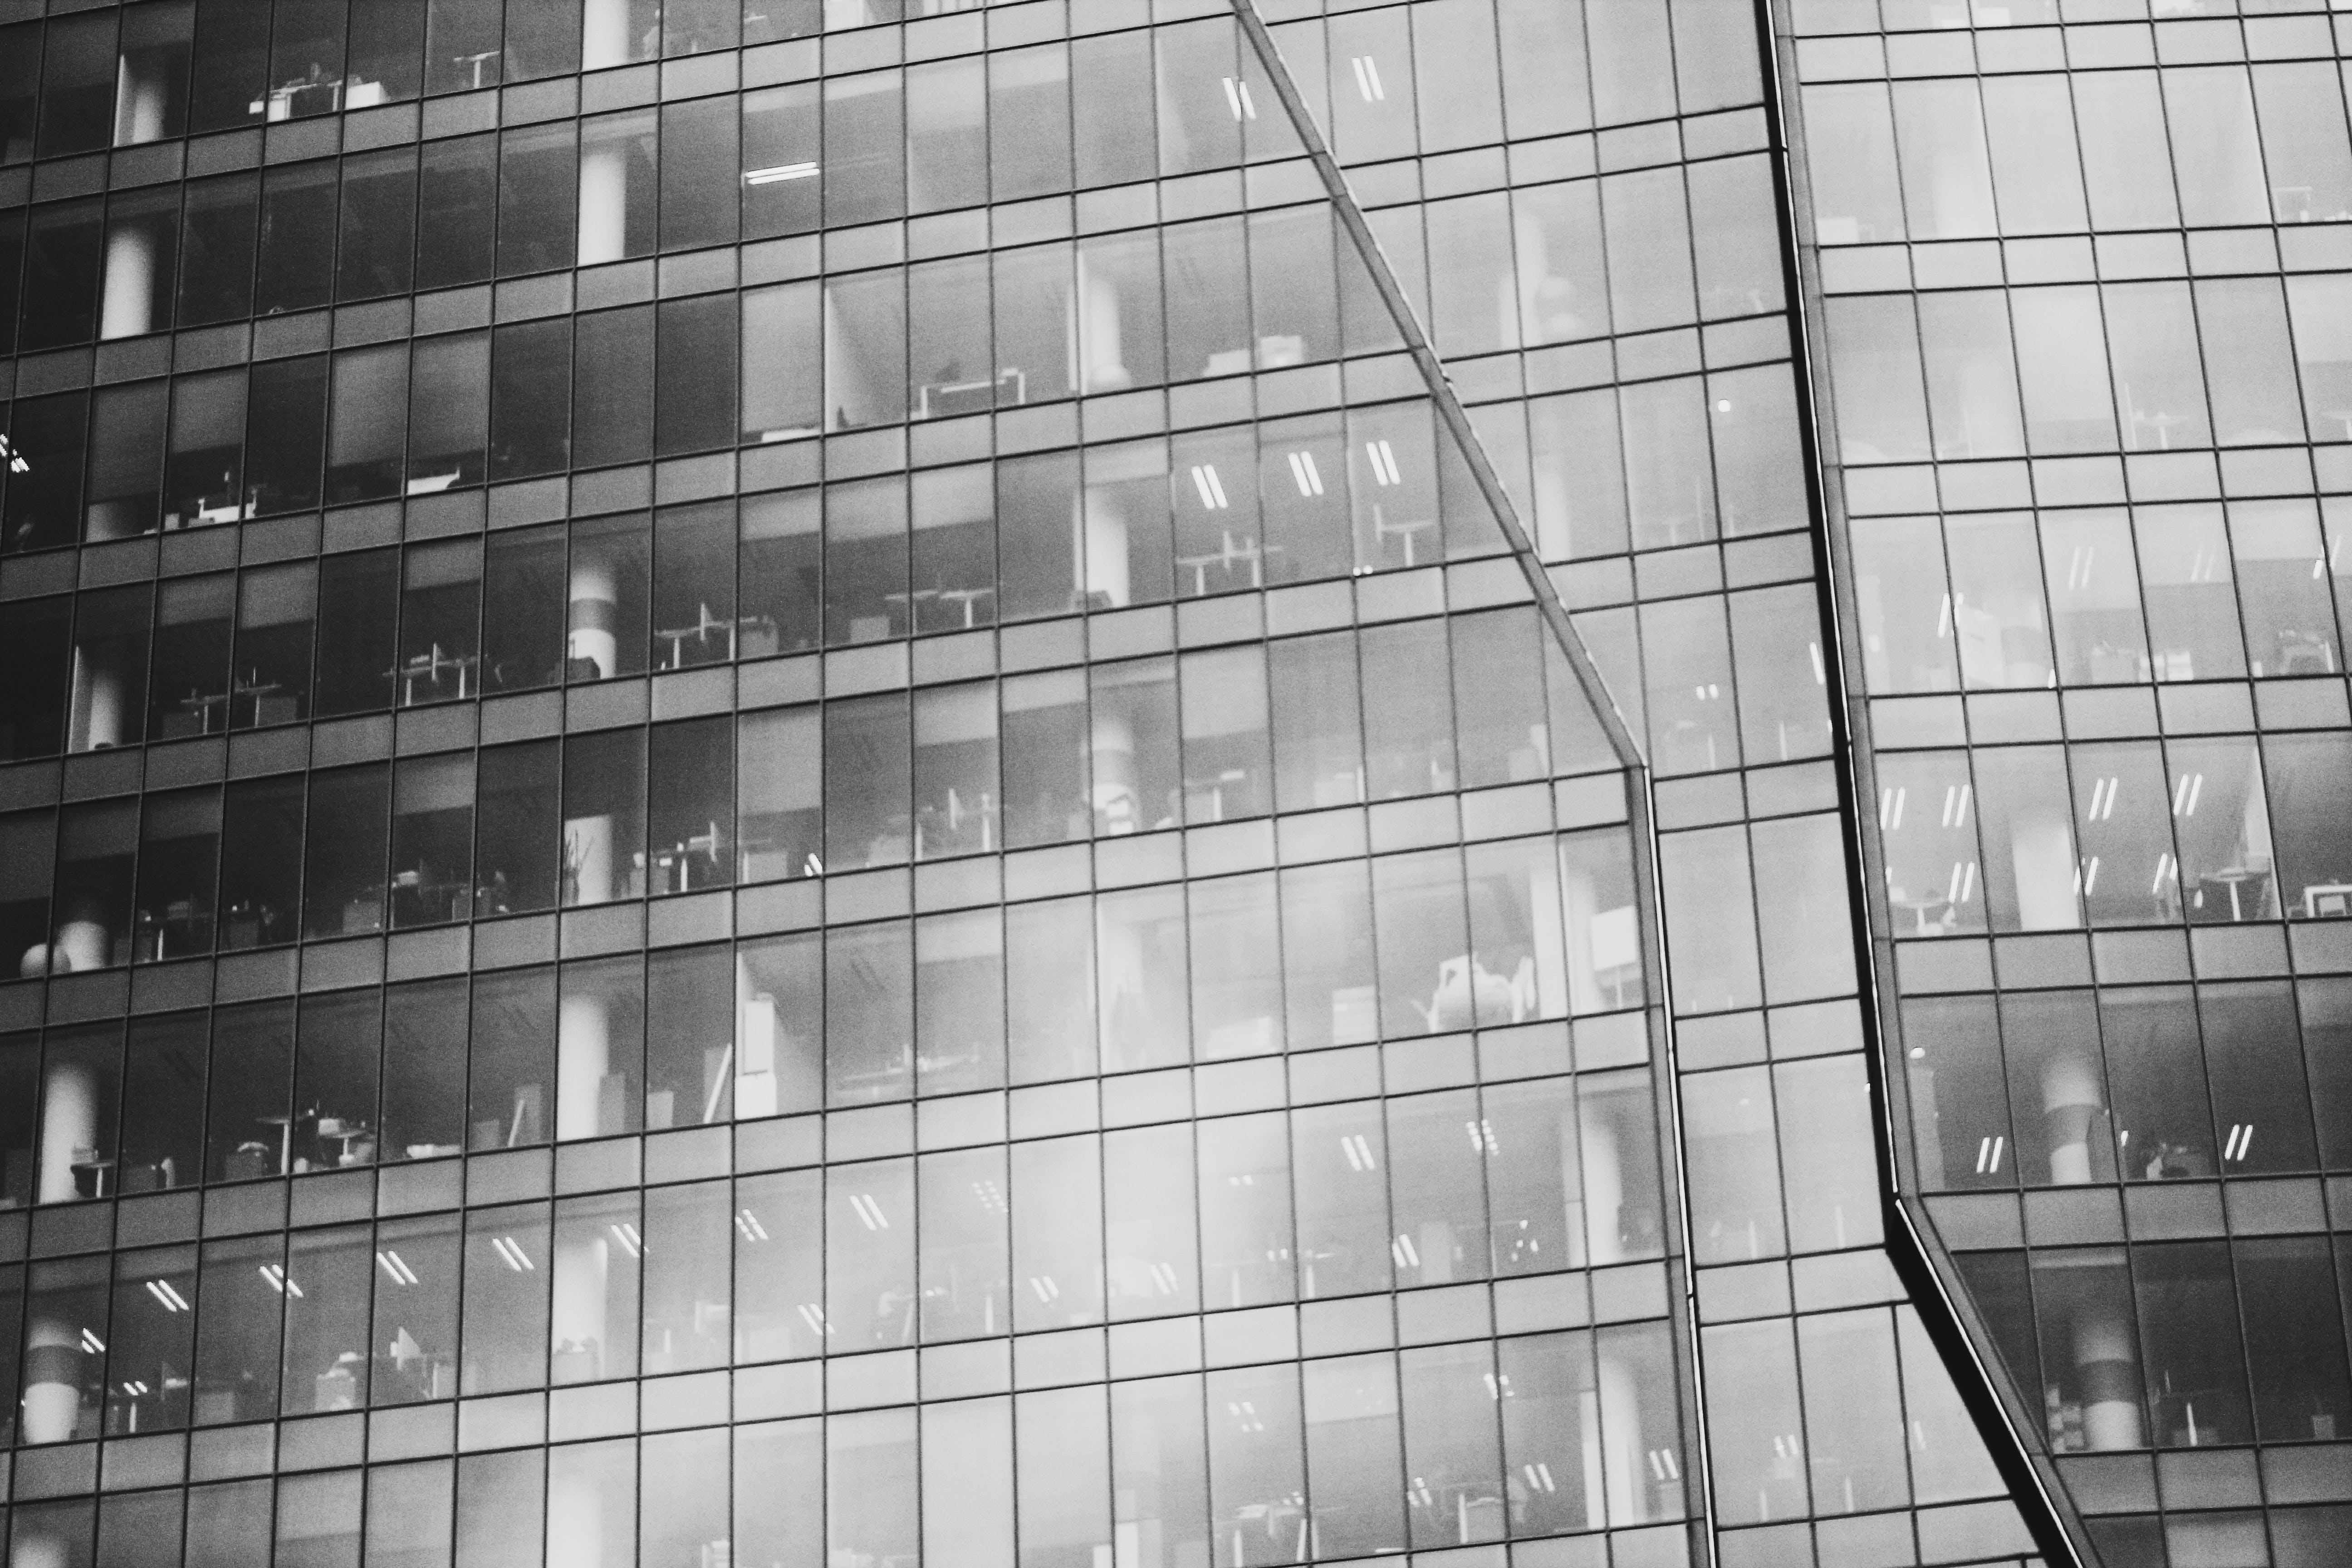 Kostenloses Stock Foto zu schwarz und weiß, büro, architektur, fenster